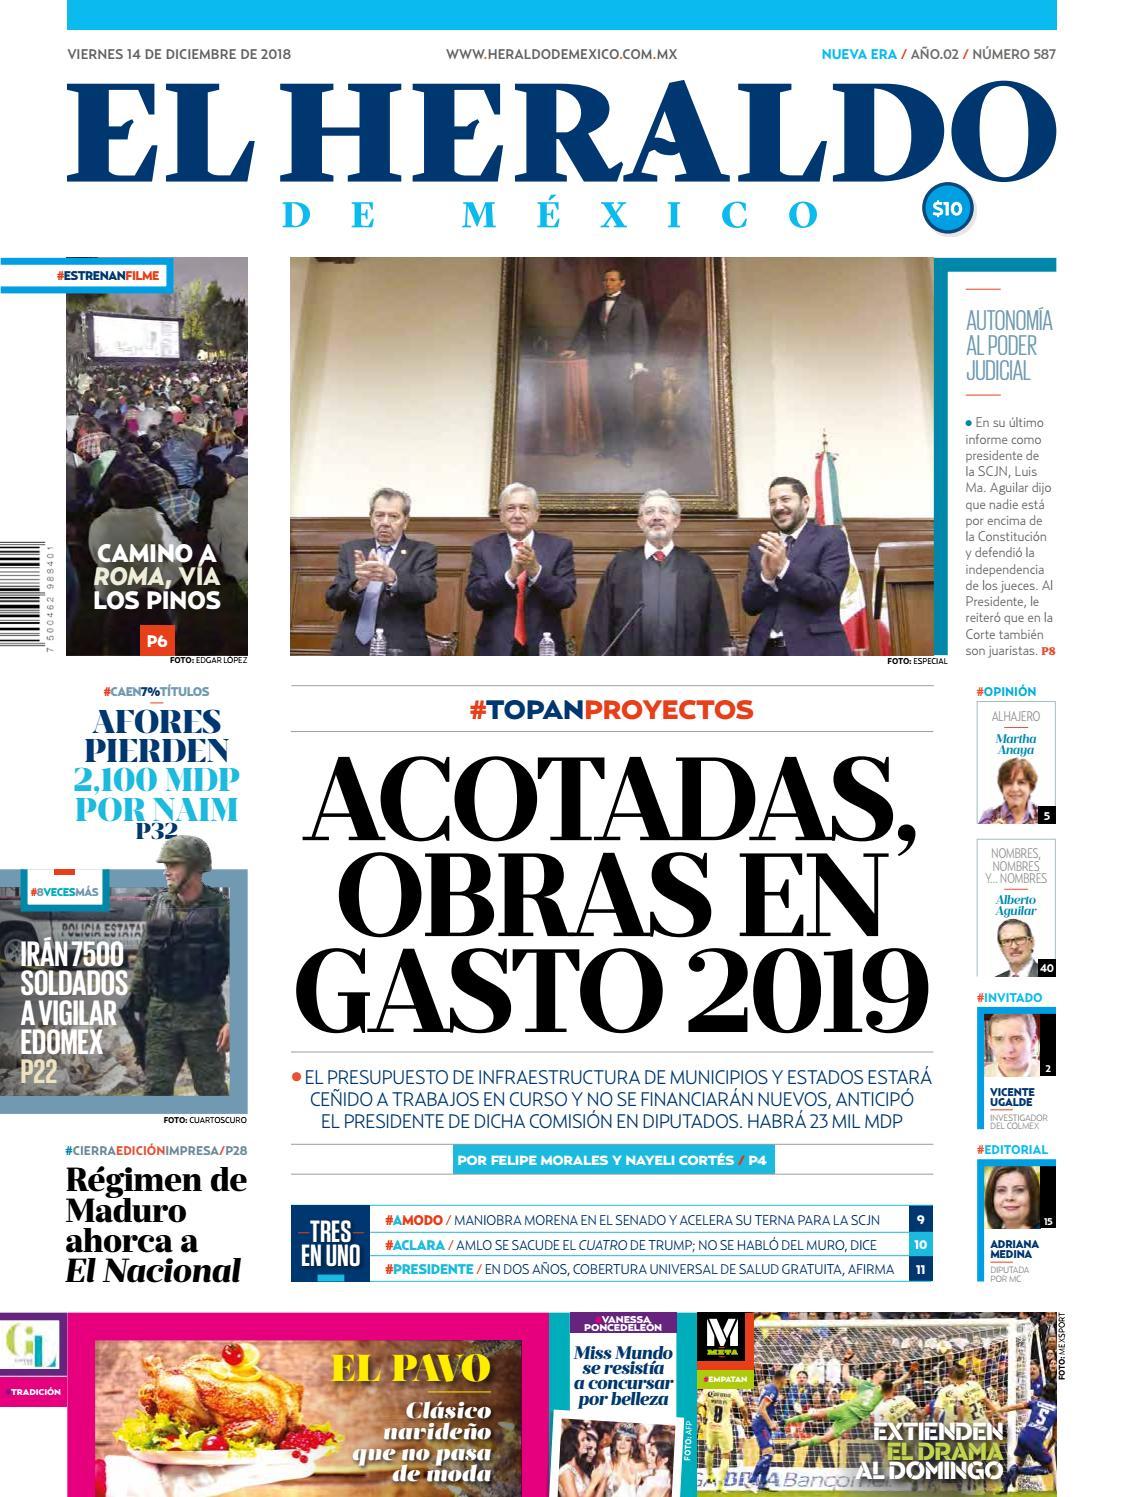 14 de diciembre de 2018 by El Heraldo de México - issuu 64a2c95074e00